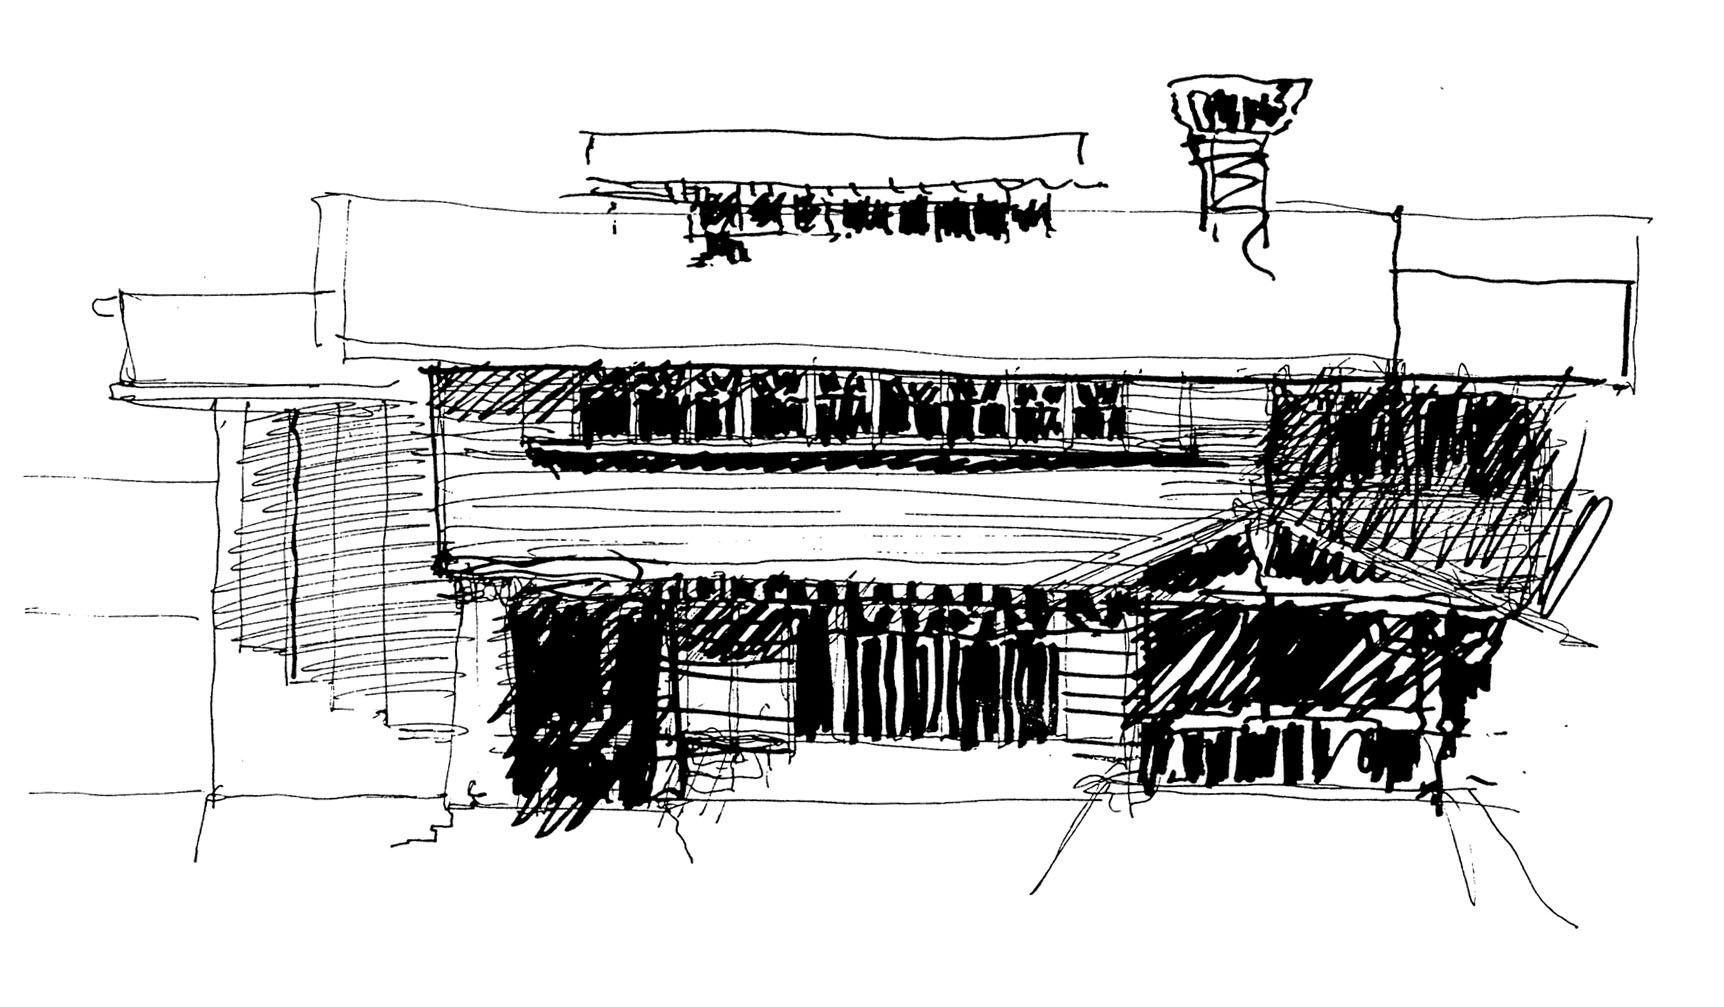 Study Sketch - Exterior